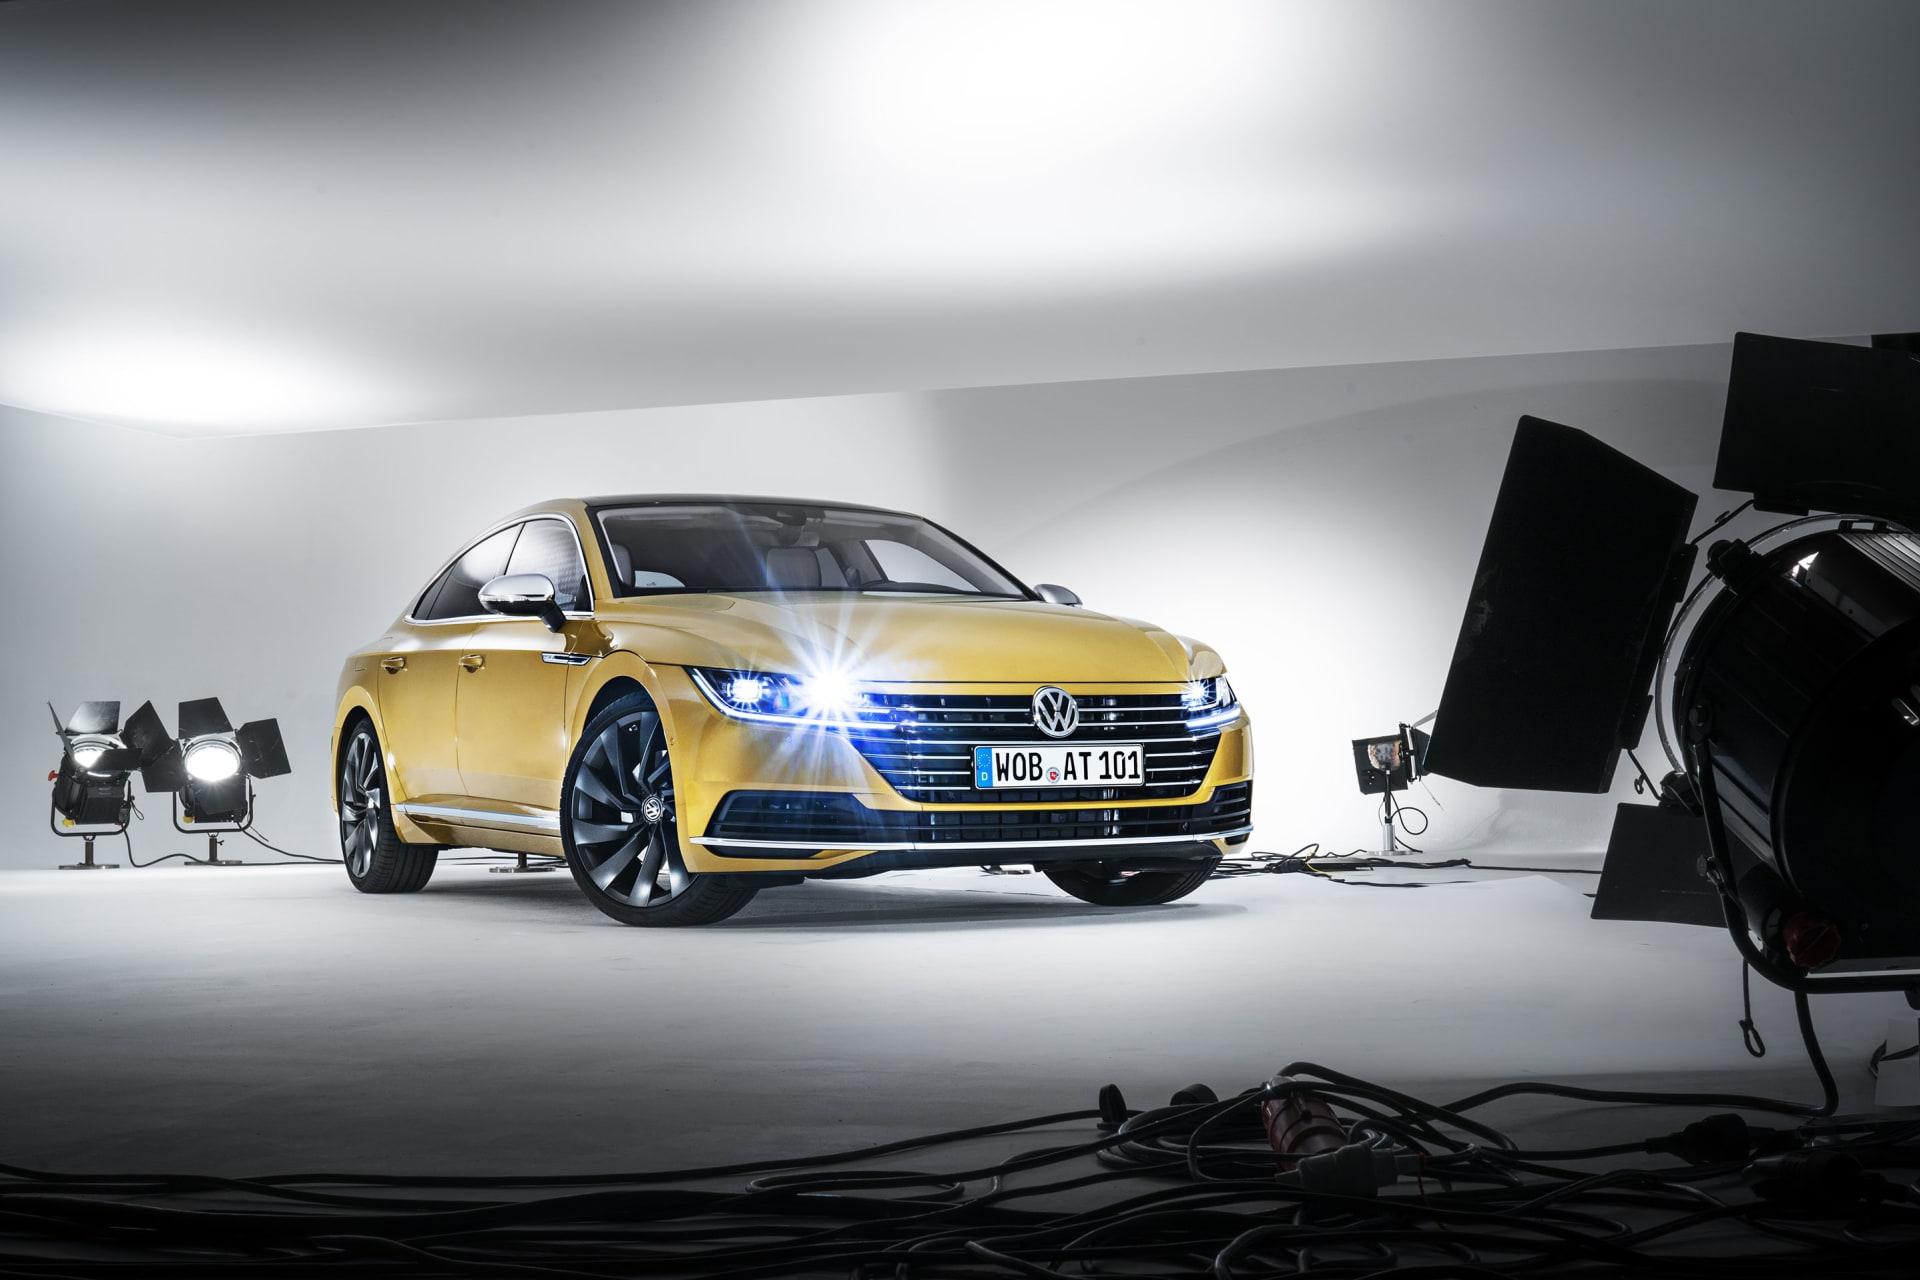 Arteon är efterträdaren till Volkswagen CC eller som den först hette Passate CC. En fyrdörrarskupé med konkurenterna så som Mercedes CLS och BMW 4-Serie Gran Coupé för att nämna några.